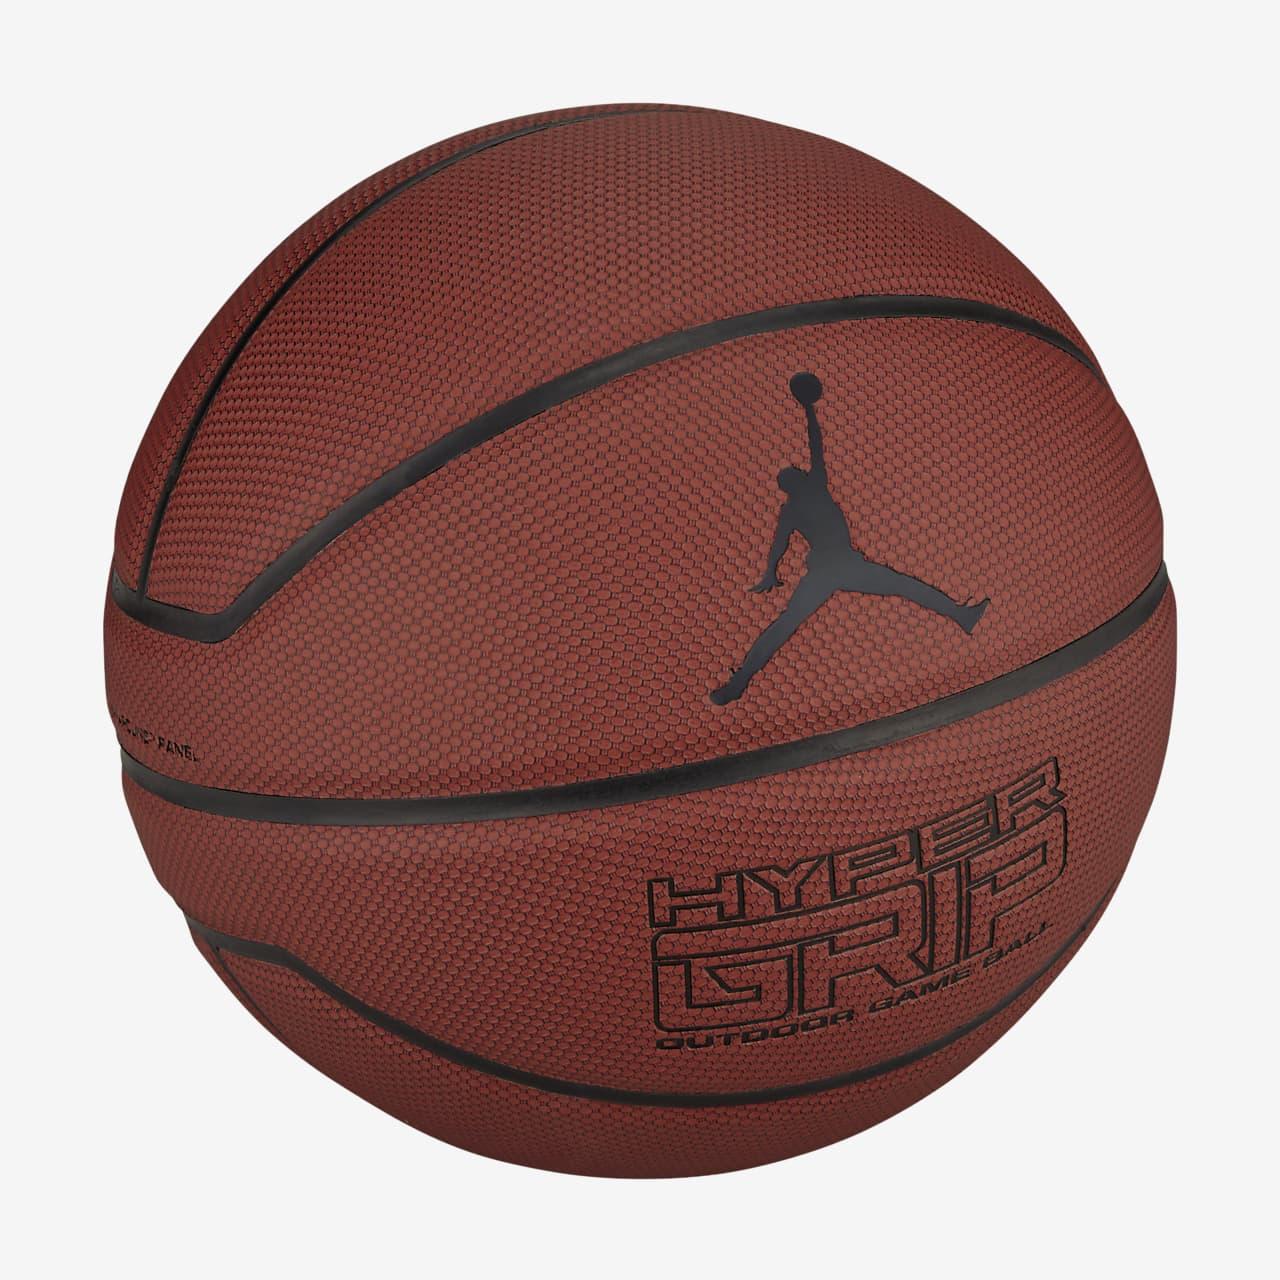 Piłka do koszykówki Jordan HyperGrip 4P